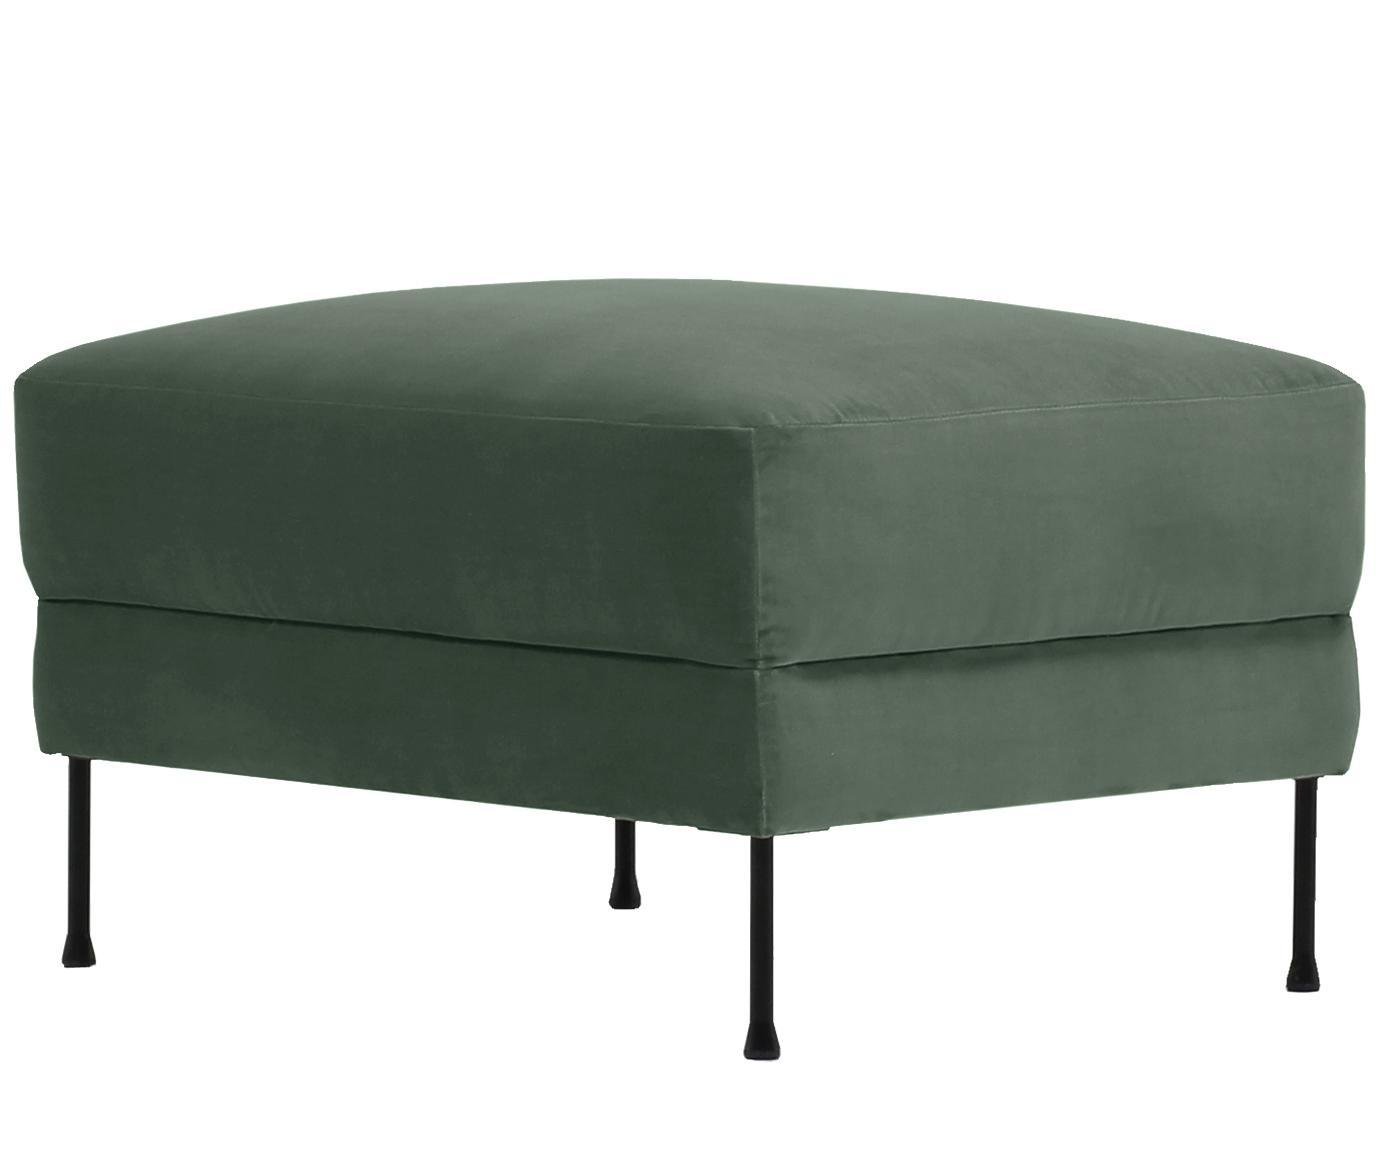 Poggiapiedi da divano in velluto Fluente, Rivestimento: velluto (rivestimento in , Struttura: legno di pino massiccio, Piedini: metallo verniciato, Velluto verde, Larg. 62 x Alt. 46 cm